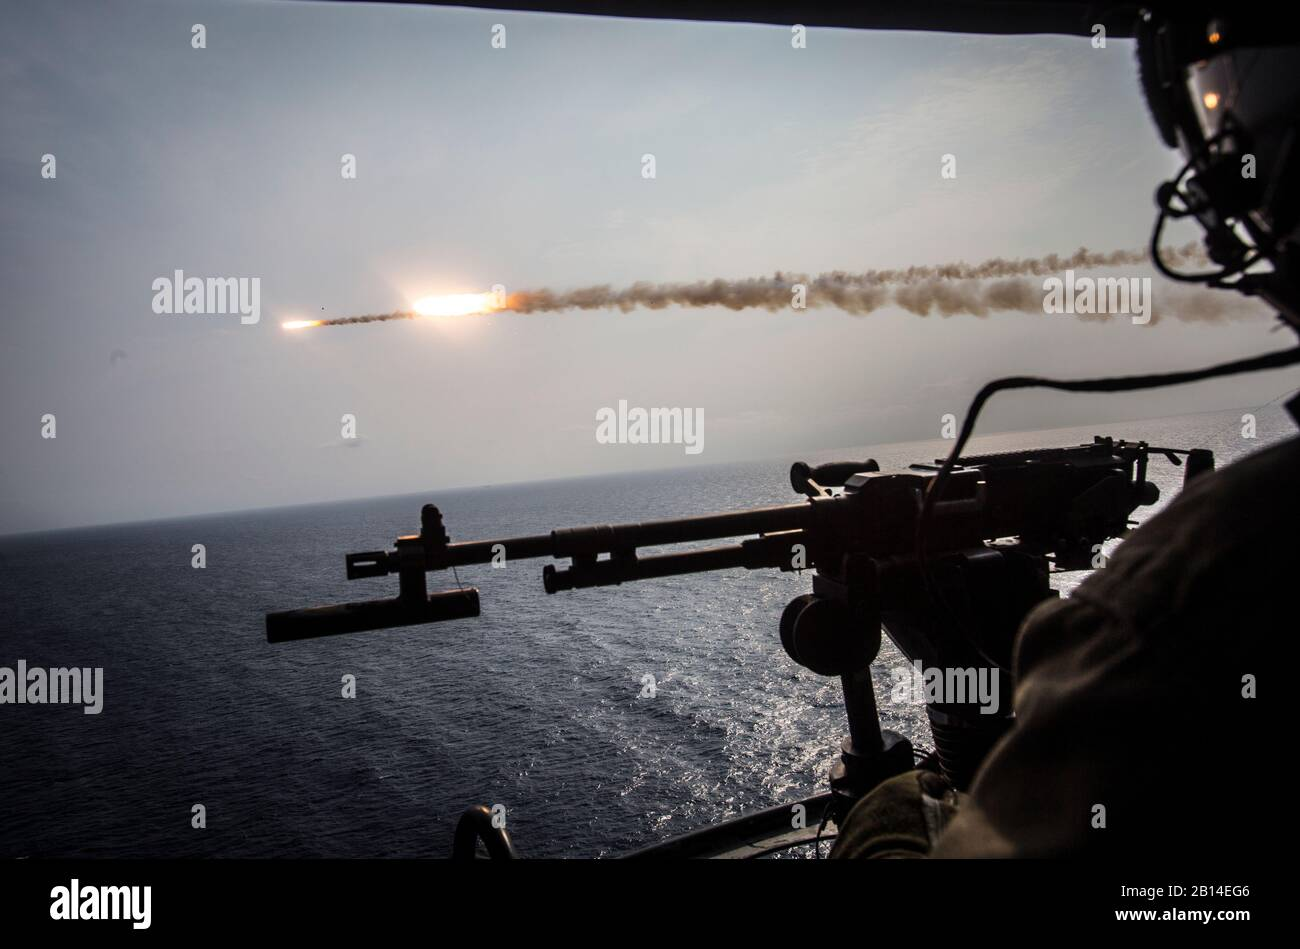 Un Corps des Marines américains AH-1Z hélicoptère Viper affectés à l'Escadron d'hélicoptères d'attaque légère Marine (HMLA) 169, Marine Aircraft Group (MAG) 39, 3rd Marine Aircraft Wing (MAW) incendies deux missiles sur la formation s'étend à Okinawa, Japon, le 28 septembre 2017. L'escadron a effectué d'entraînement aérien à Okinawa, ce qui est essentiel au maintien d'un Canada plus fort, plus capable, de l'avant dans la force déployée Indo-Asia-région du Pacifique. HMLA-169 a été déployée en vertu de l'avant le programme de déploiement de l'unité avec MAG-36, 1er MAW. (U.S. Marine Corps photo par Lance Cpl. Andy Martinez) Banque D'Images